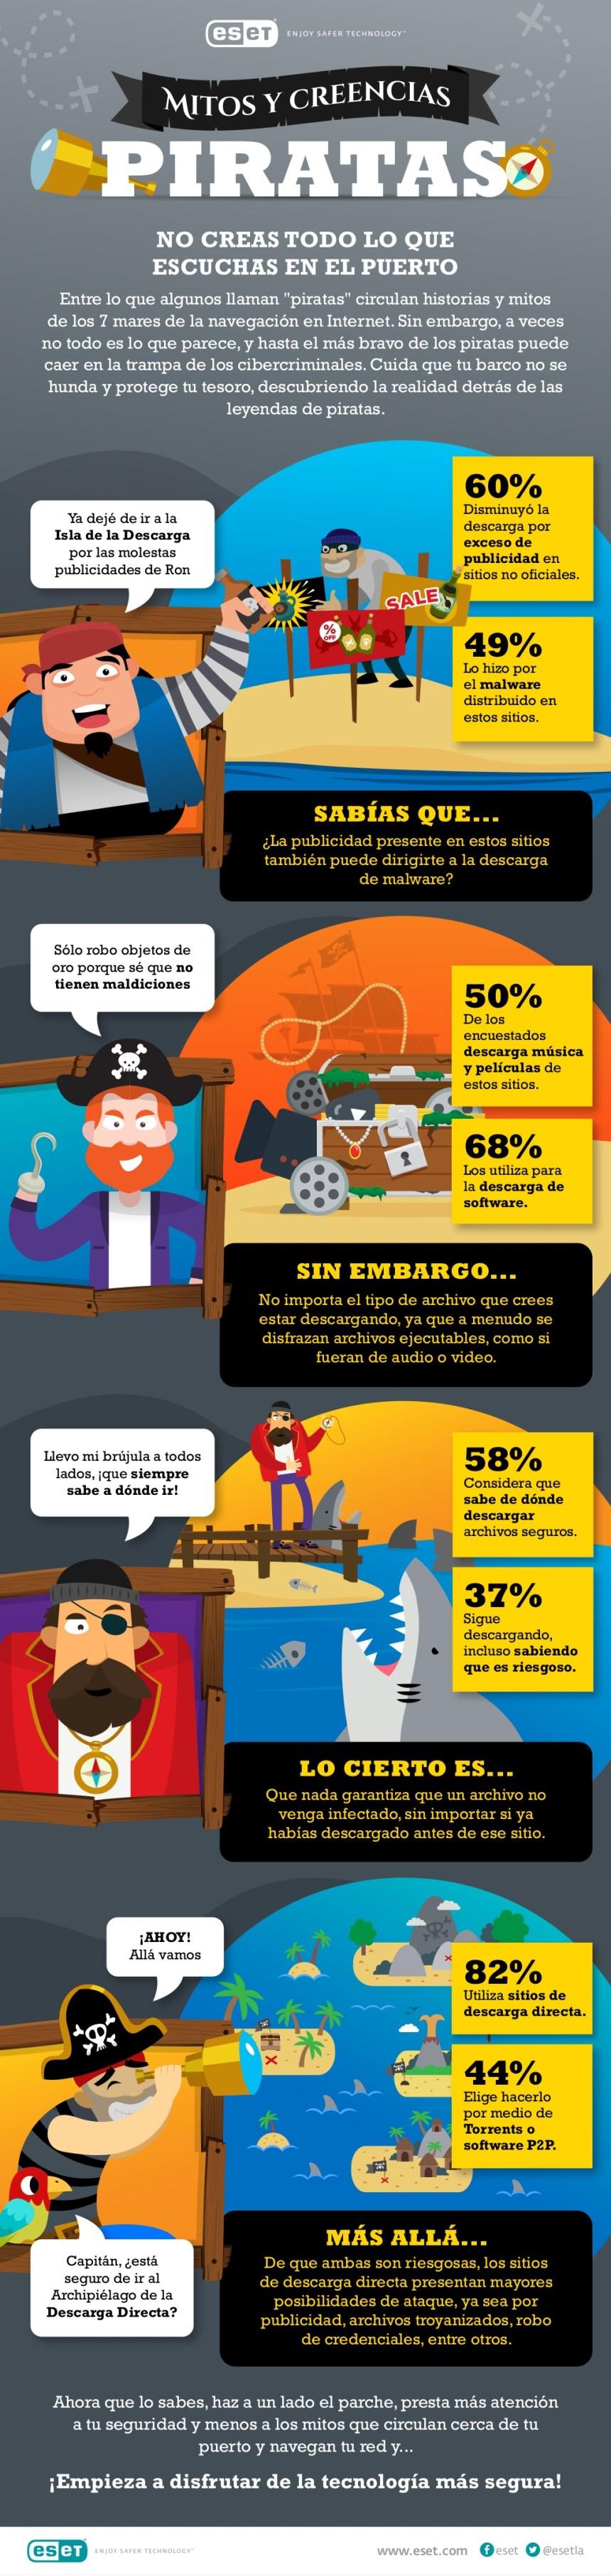 Mitos y creencias piratas